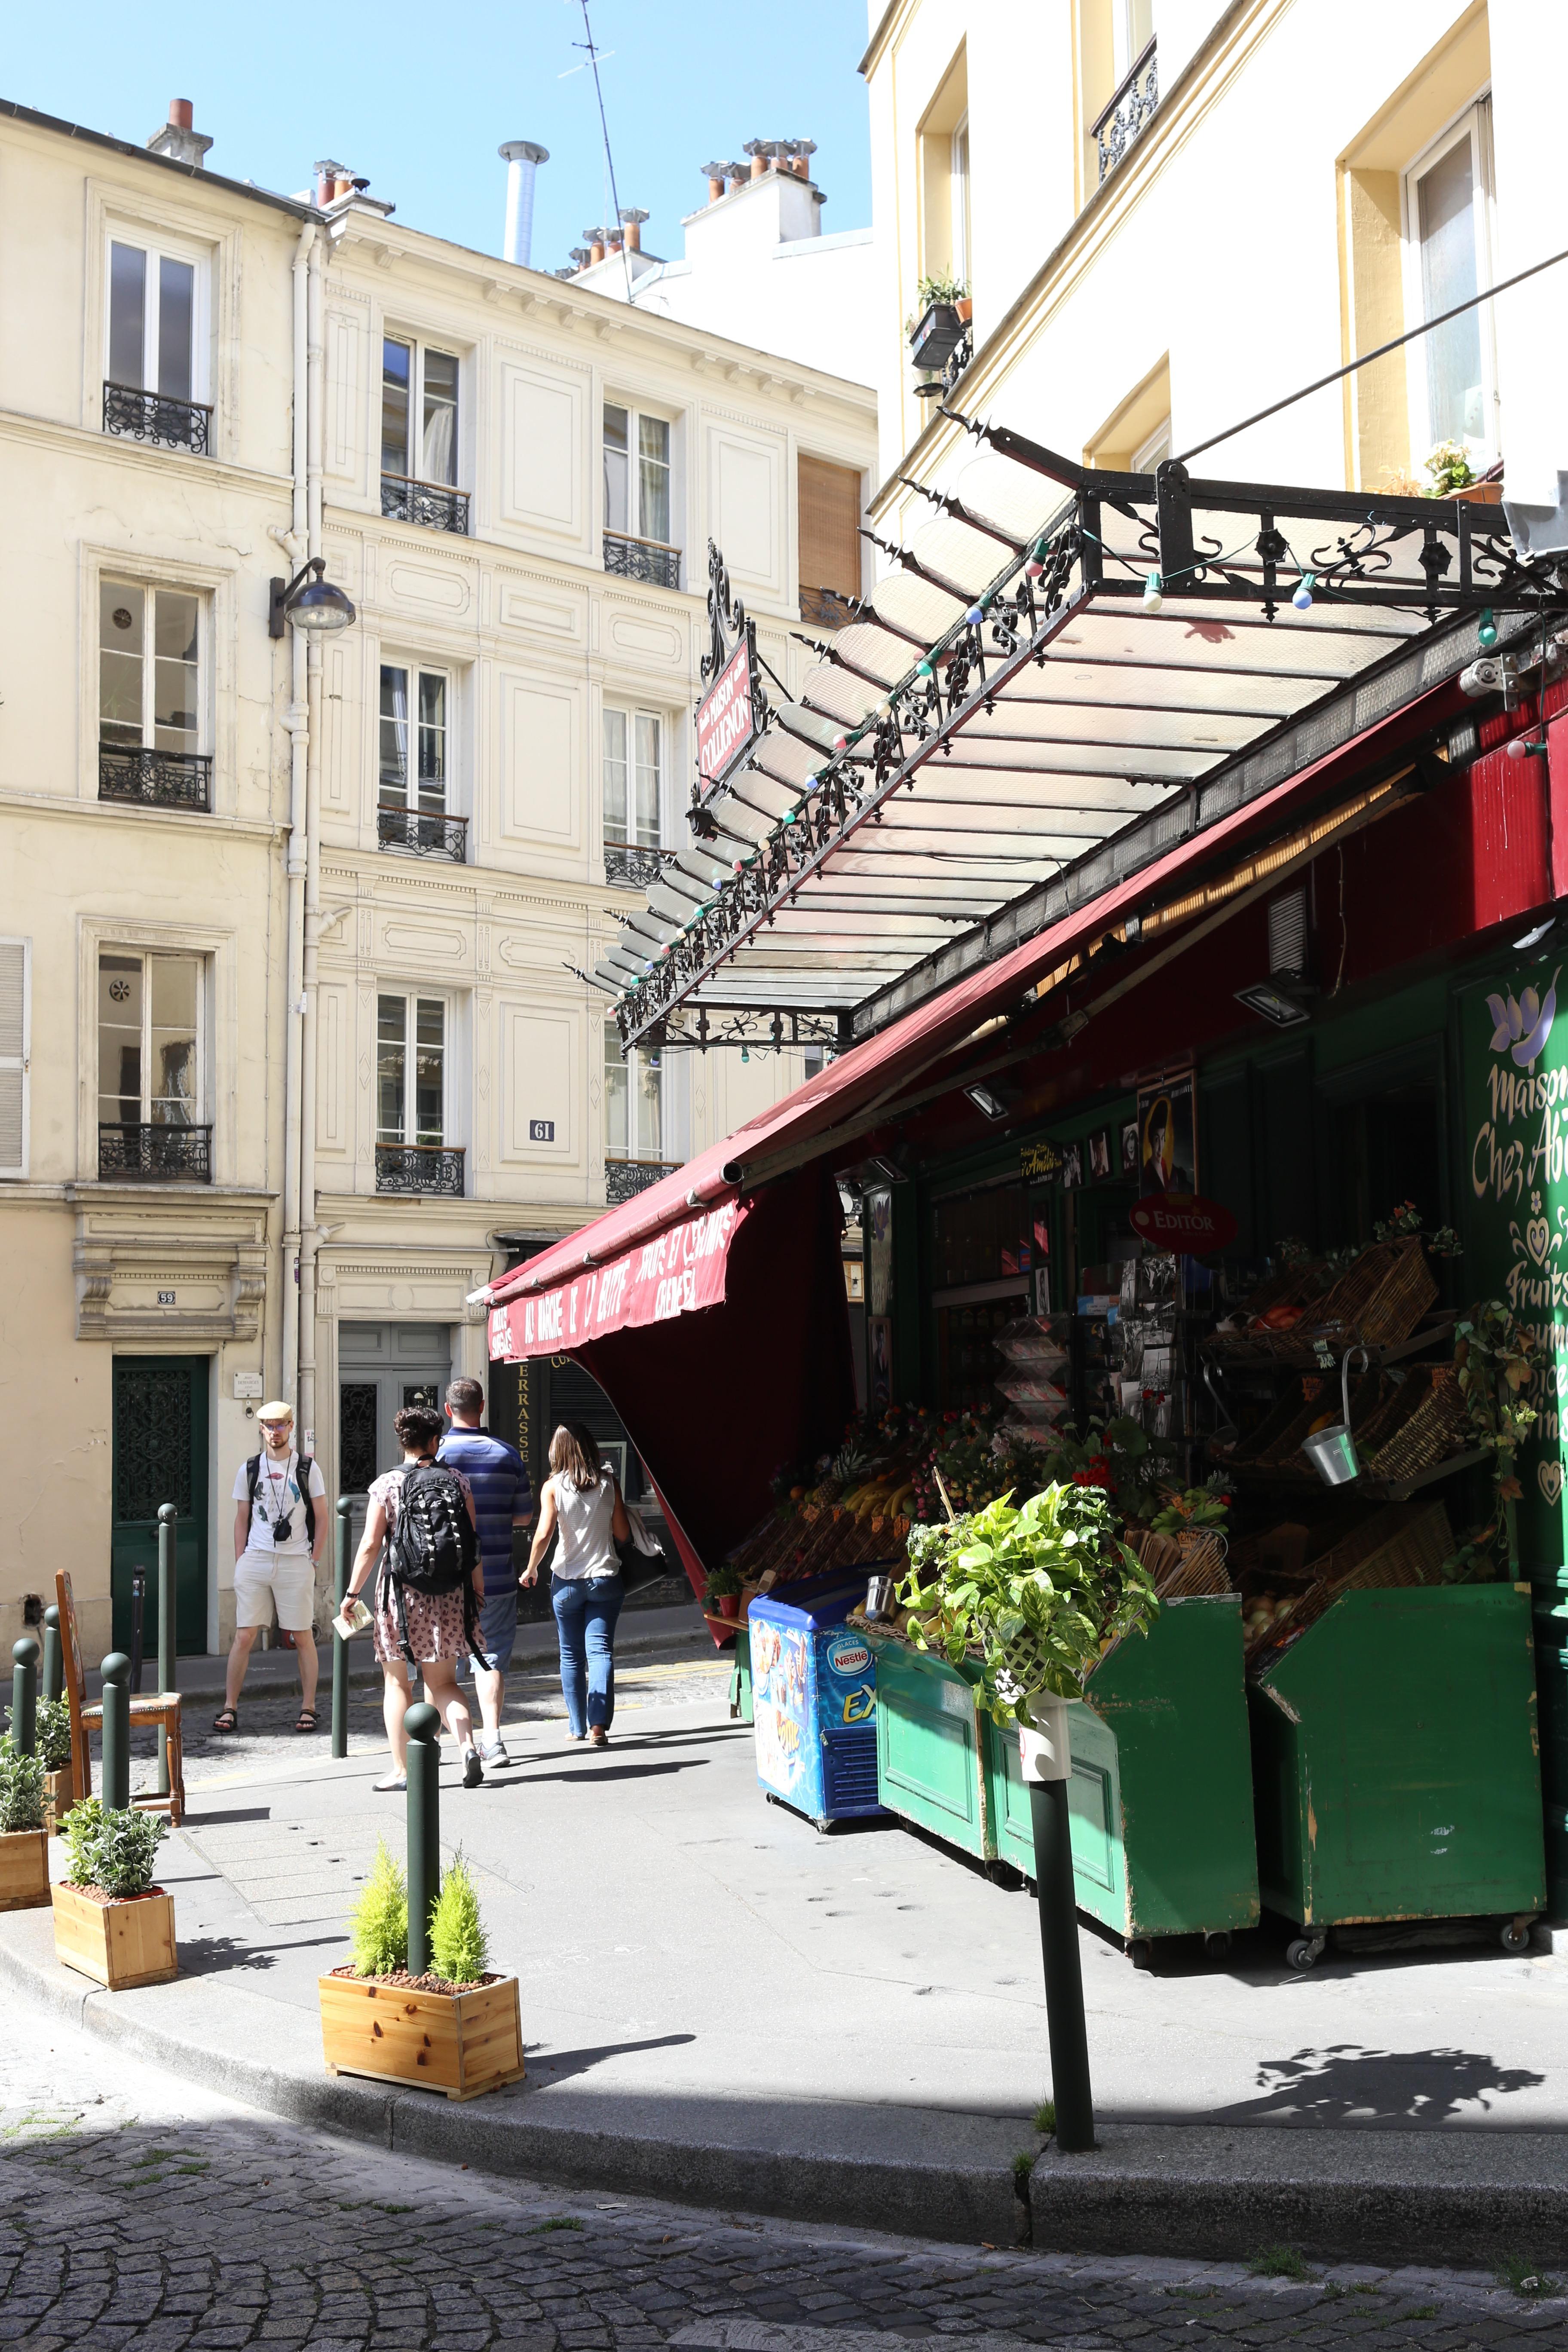 wochenende-in-paris-reiseblogger-tipps-reiseübelkeit-reisen-frankreich-montmartre